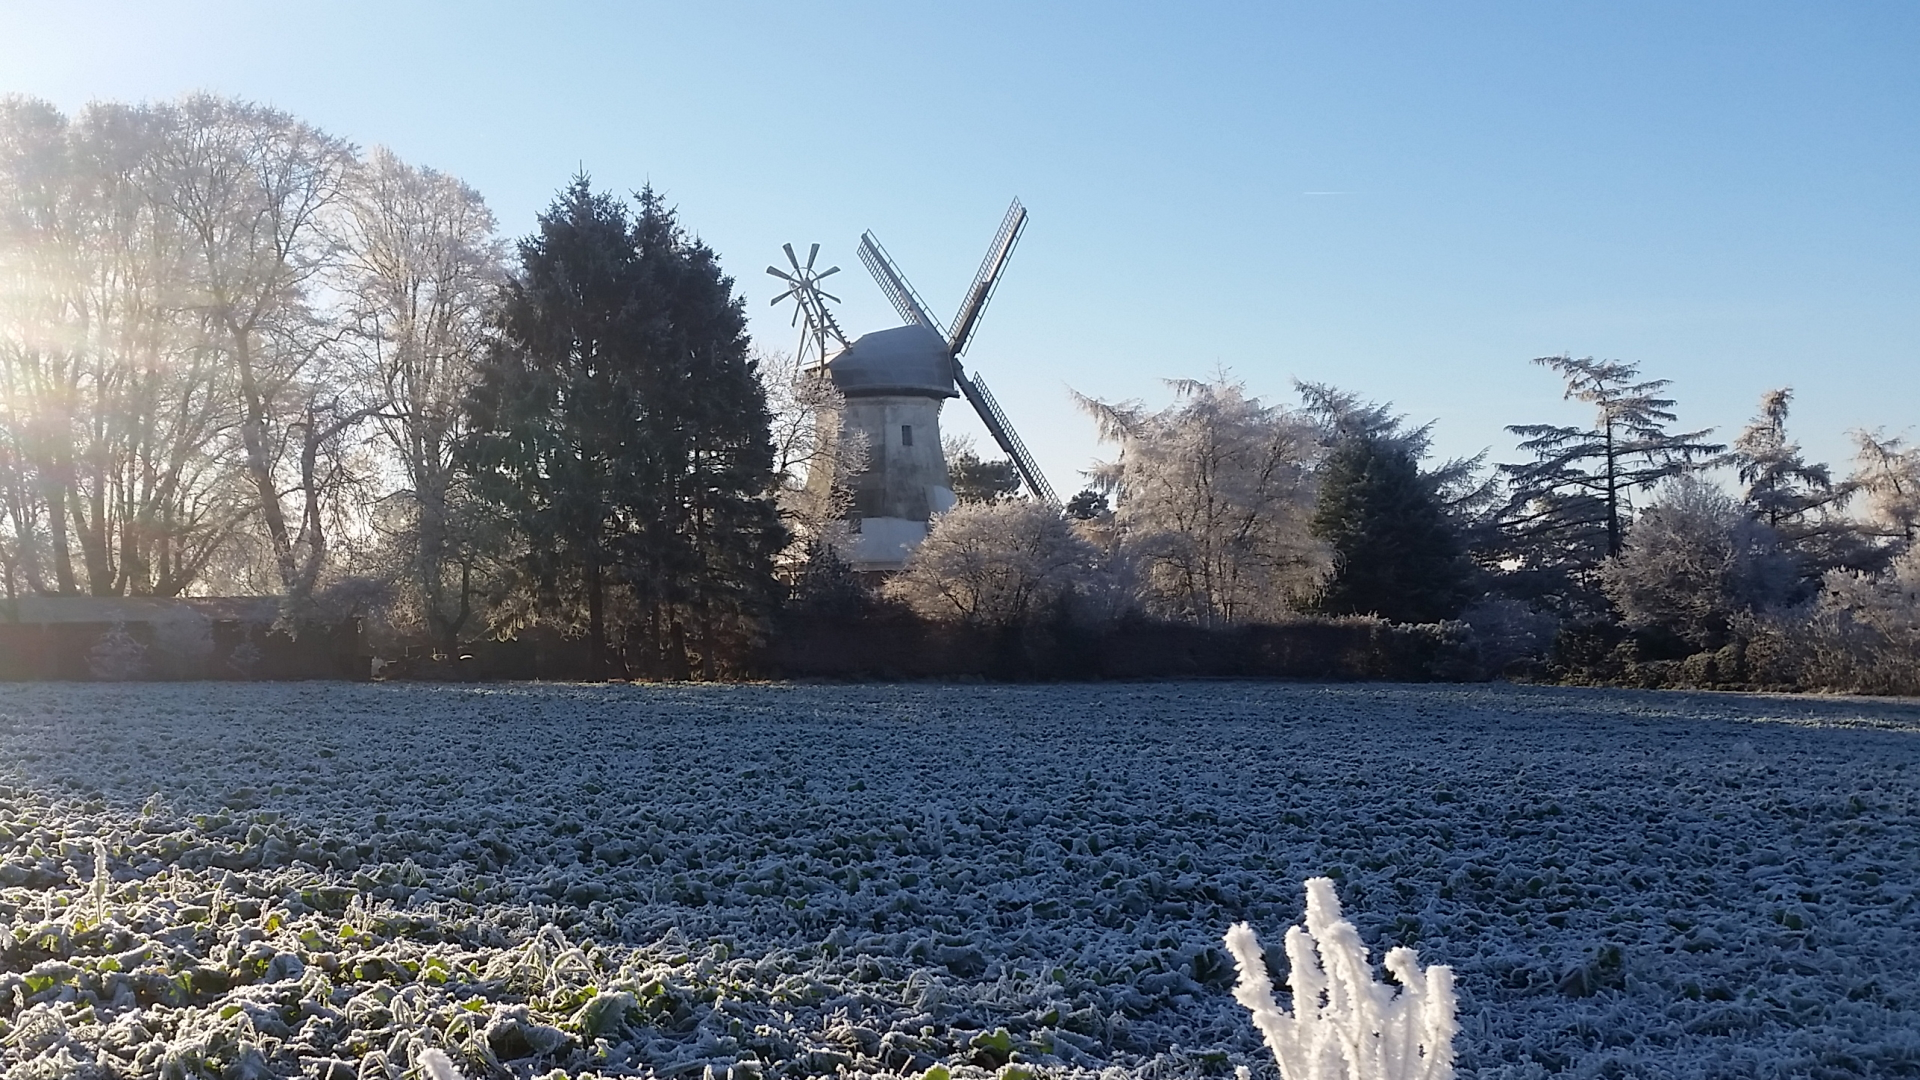 Mühle im Winter - Neu